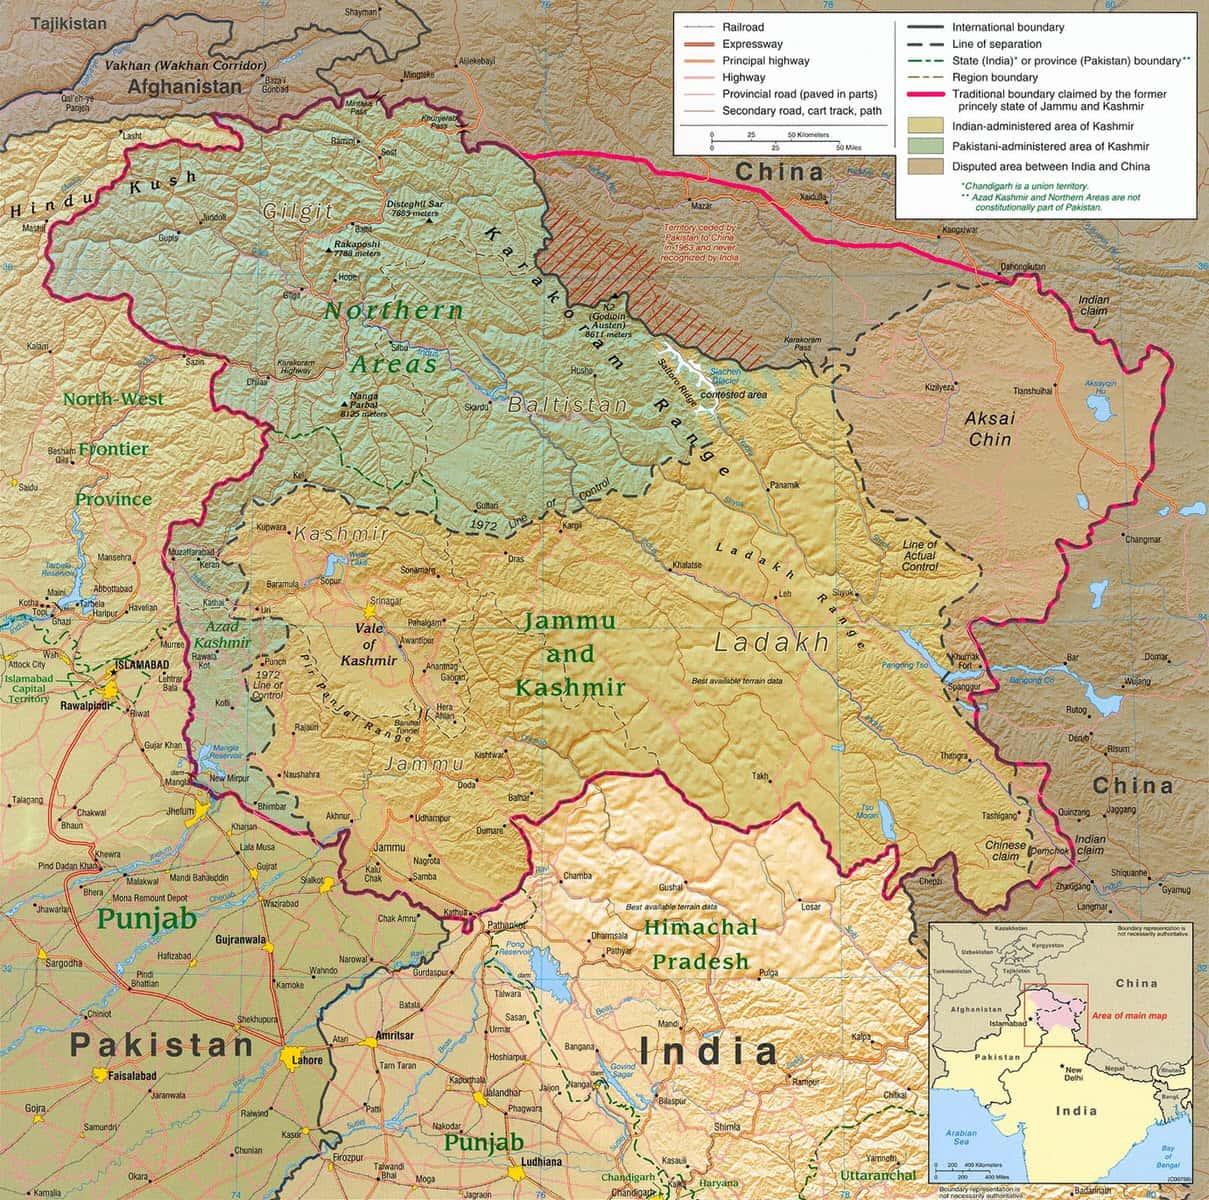 印度、巴基斯坦衝突再起!喀什米爾汽車炸彈攻擊46人亡